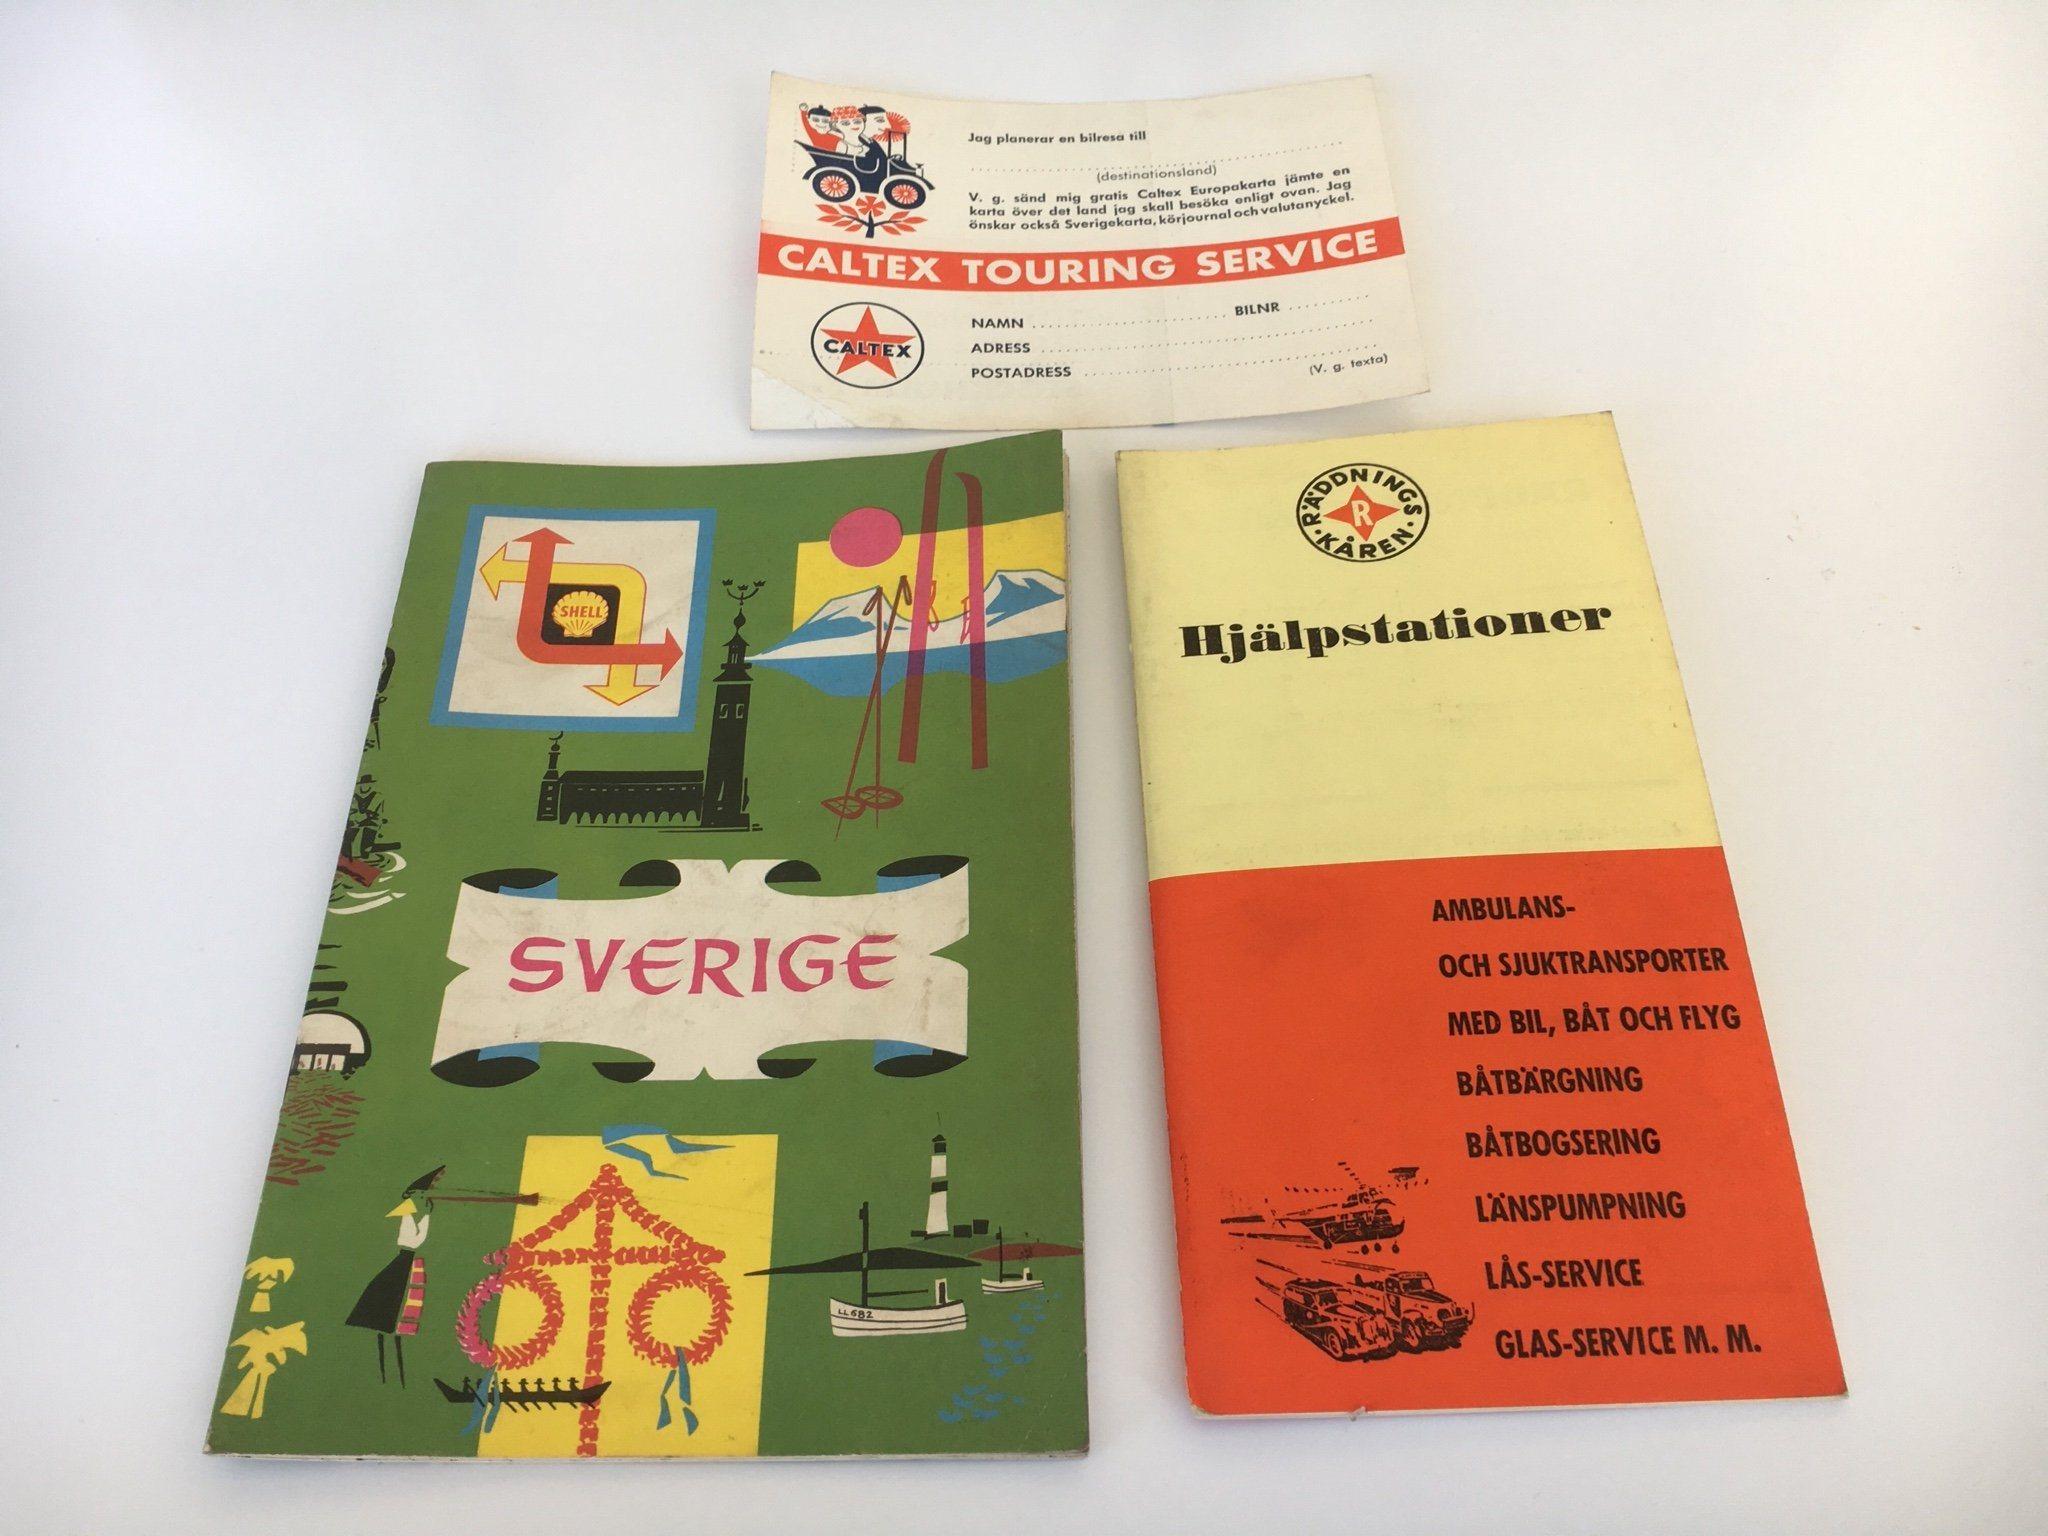 Karta Sverige Gratis.Nostalgi Caltex Raddningskaren Hjalpstatio 345483909 ᐈ Kop